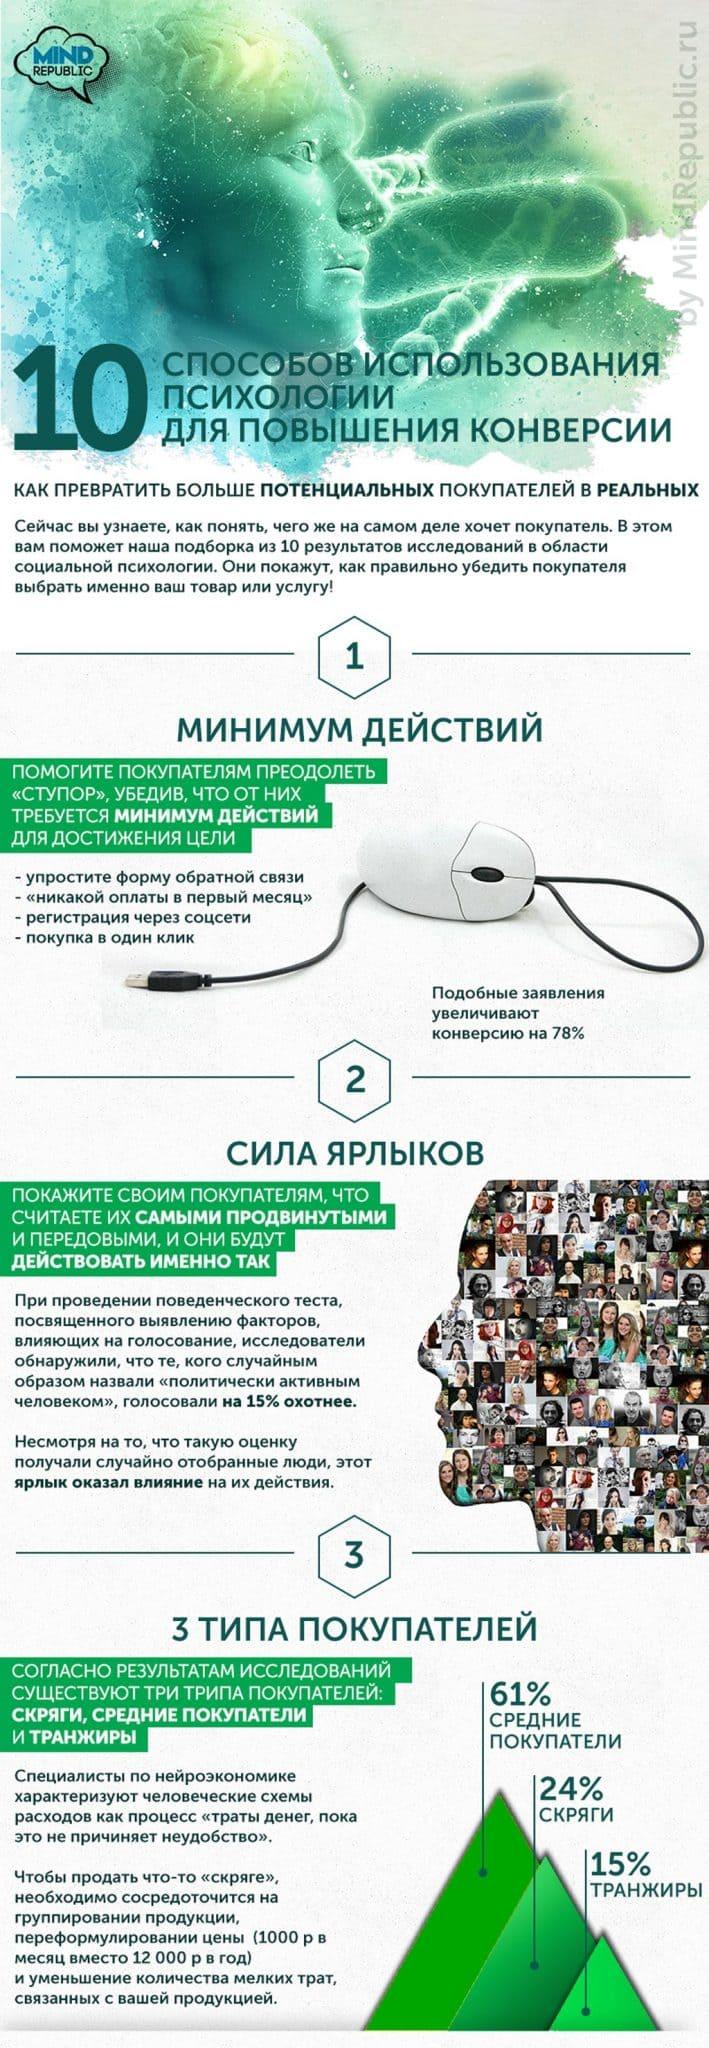 Увеличение конверсии сайта. 10 способов увеличения конверсии. Инфографика